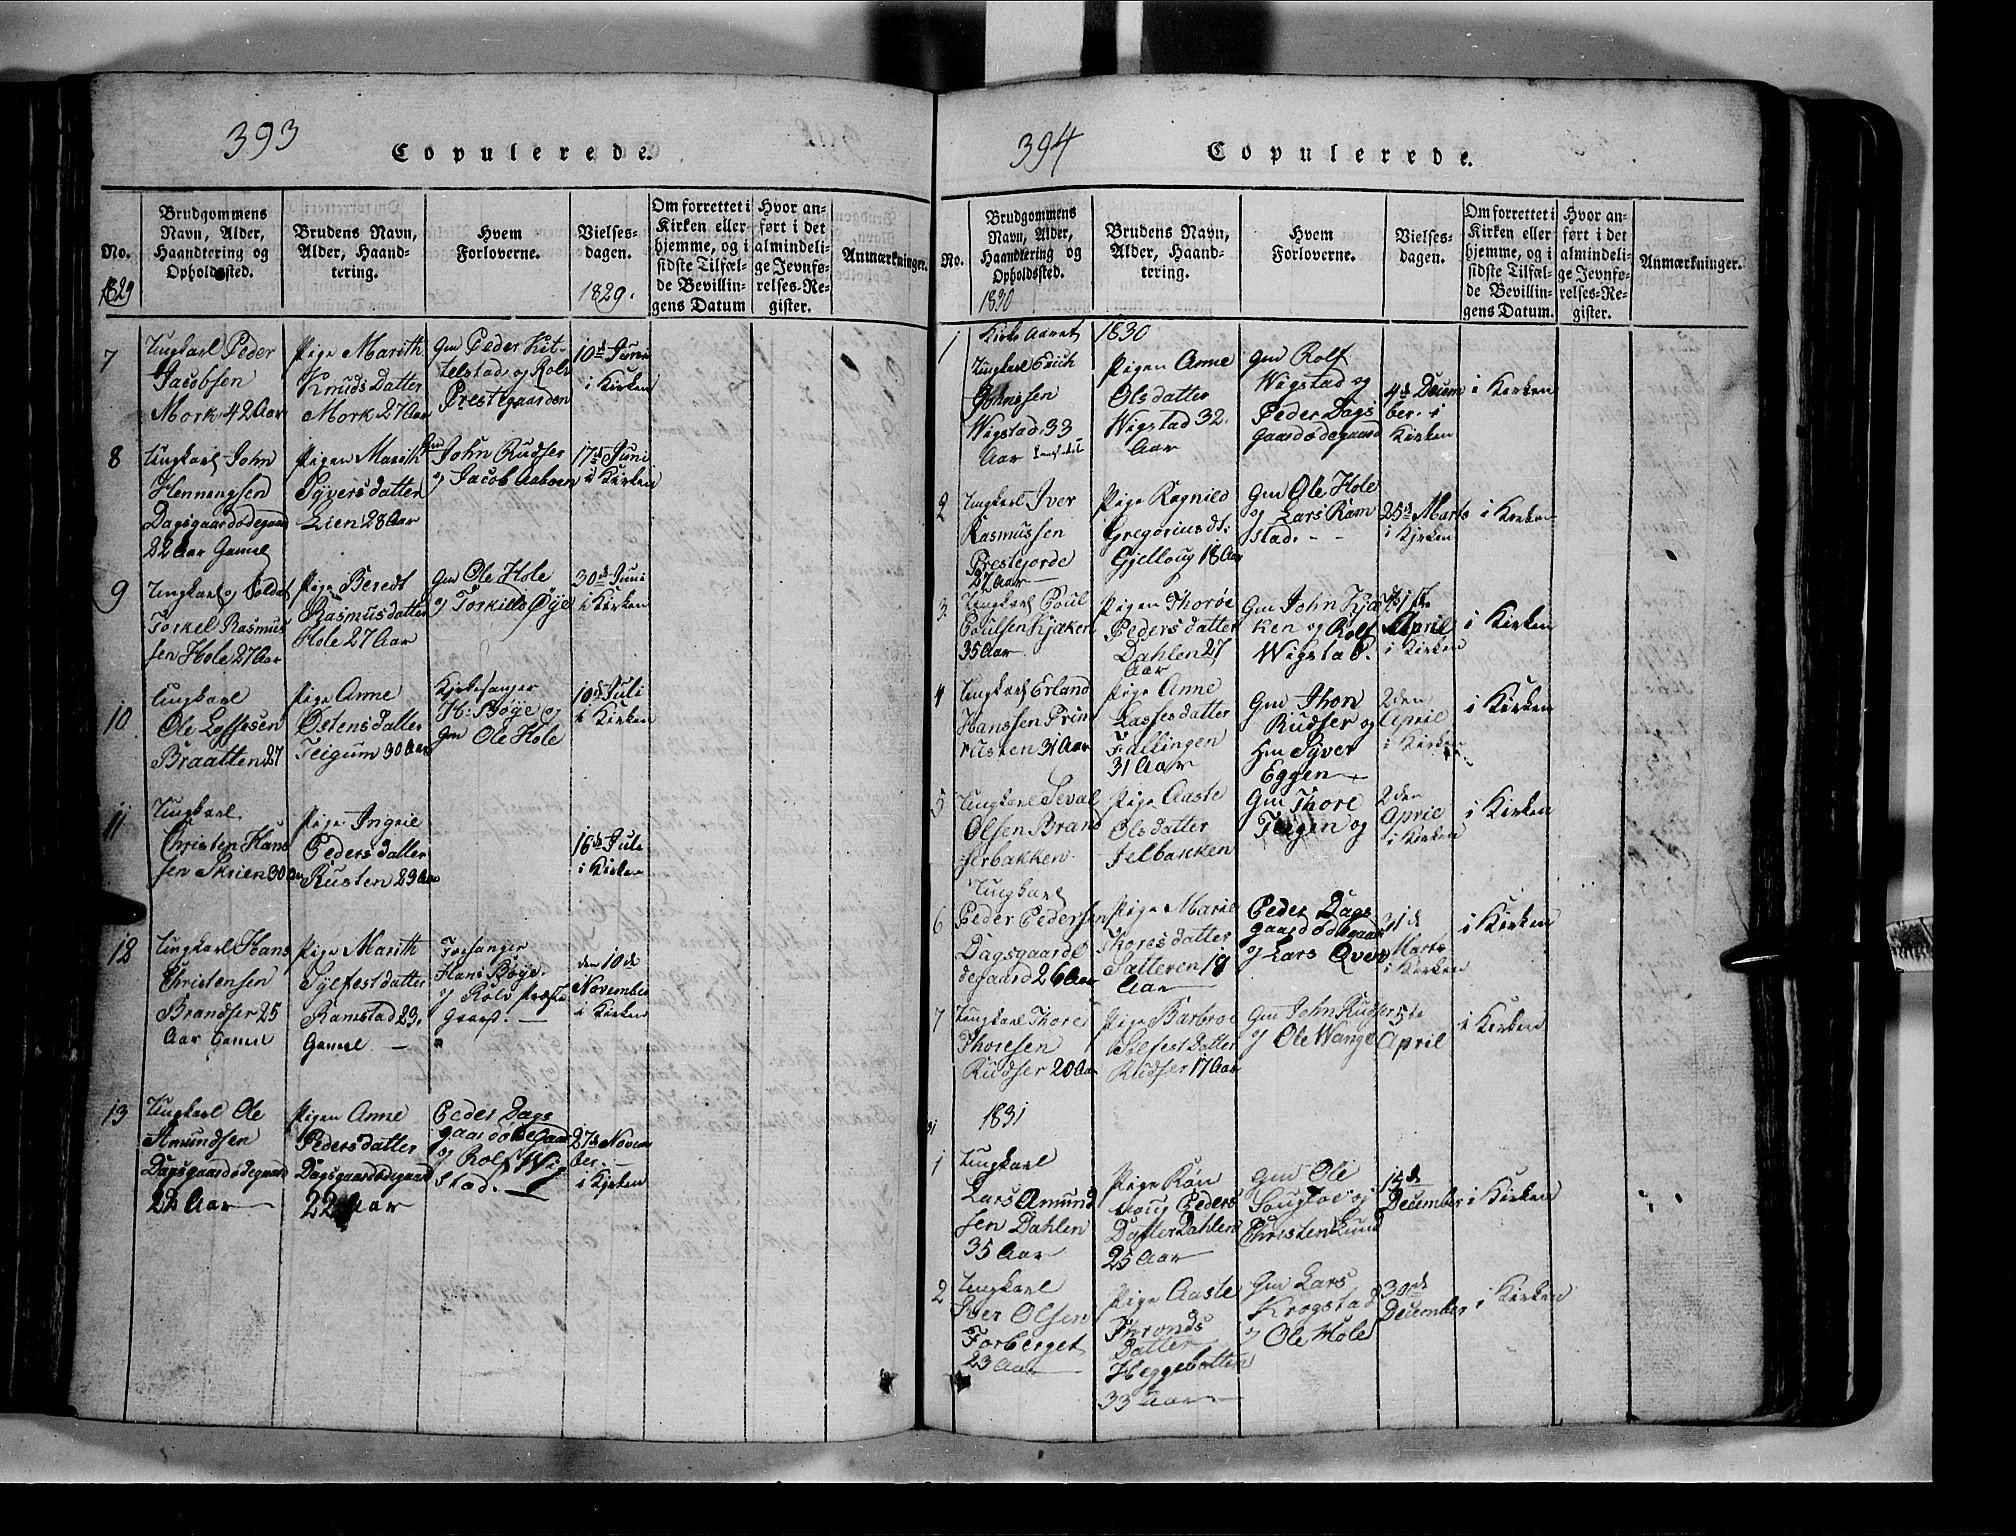 SAH, Lom prestekontor, L/L0003: Klokkerbok nr. 3, 1815-1844, s. 393-394